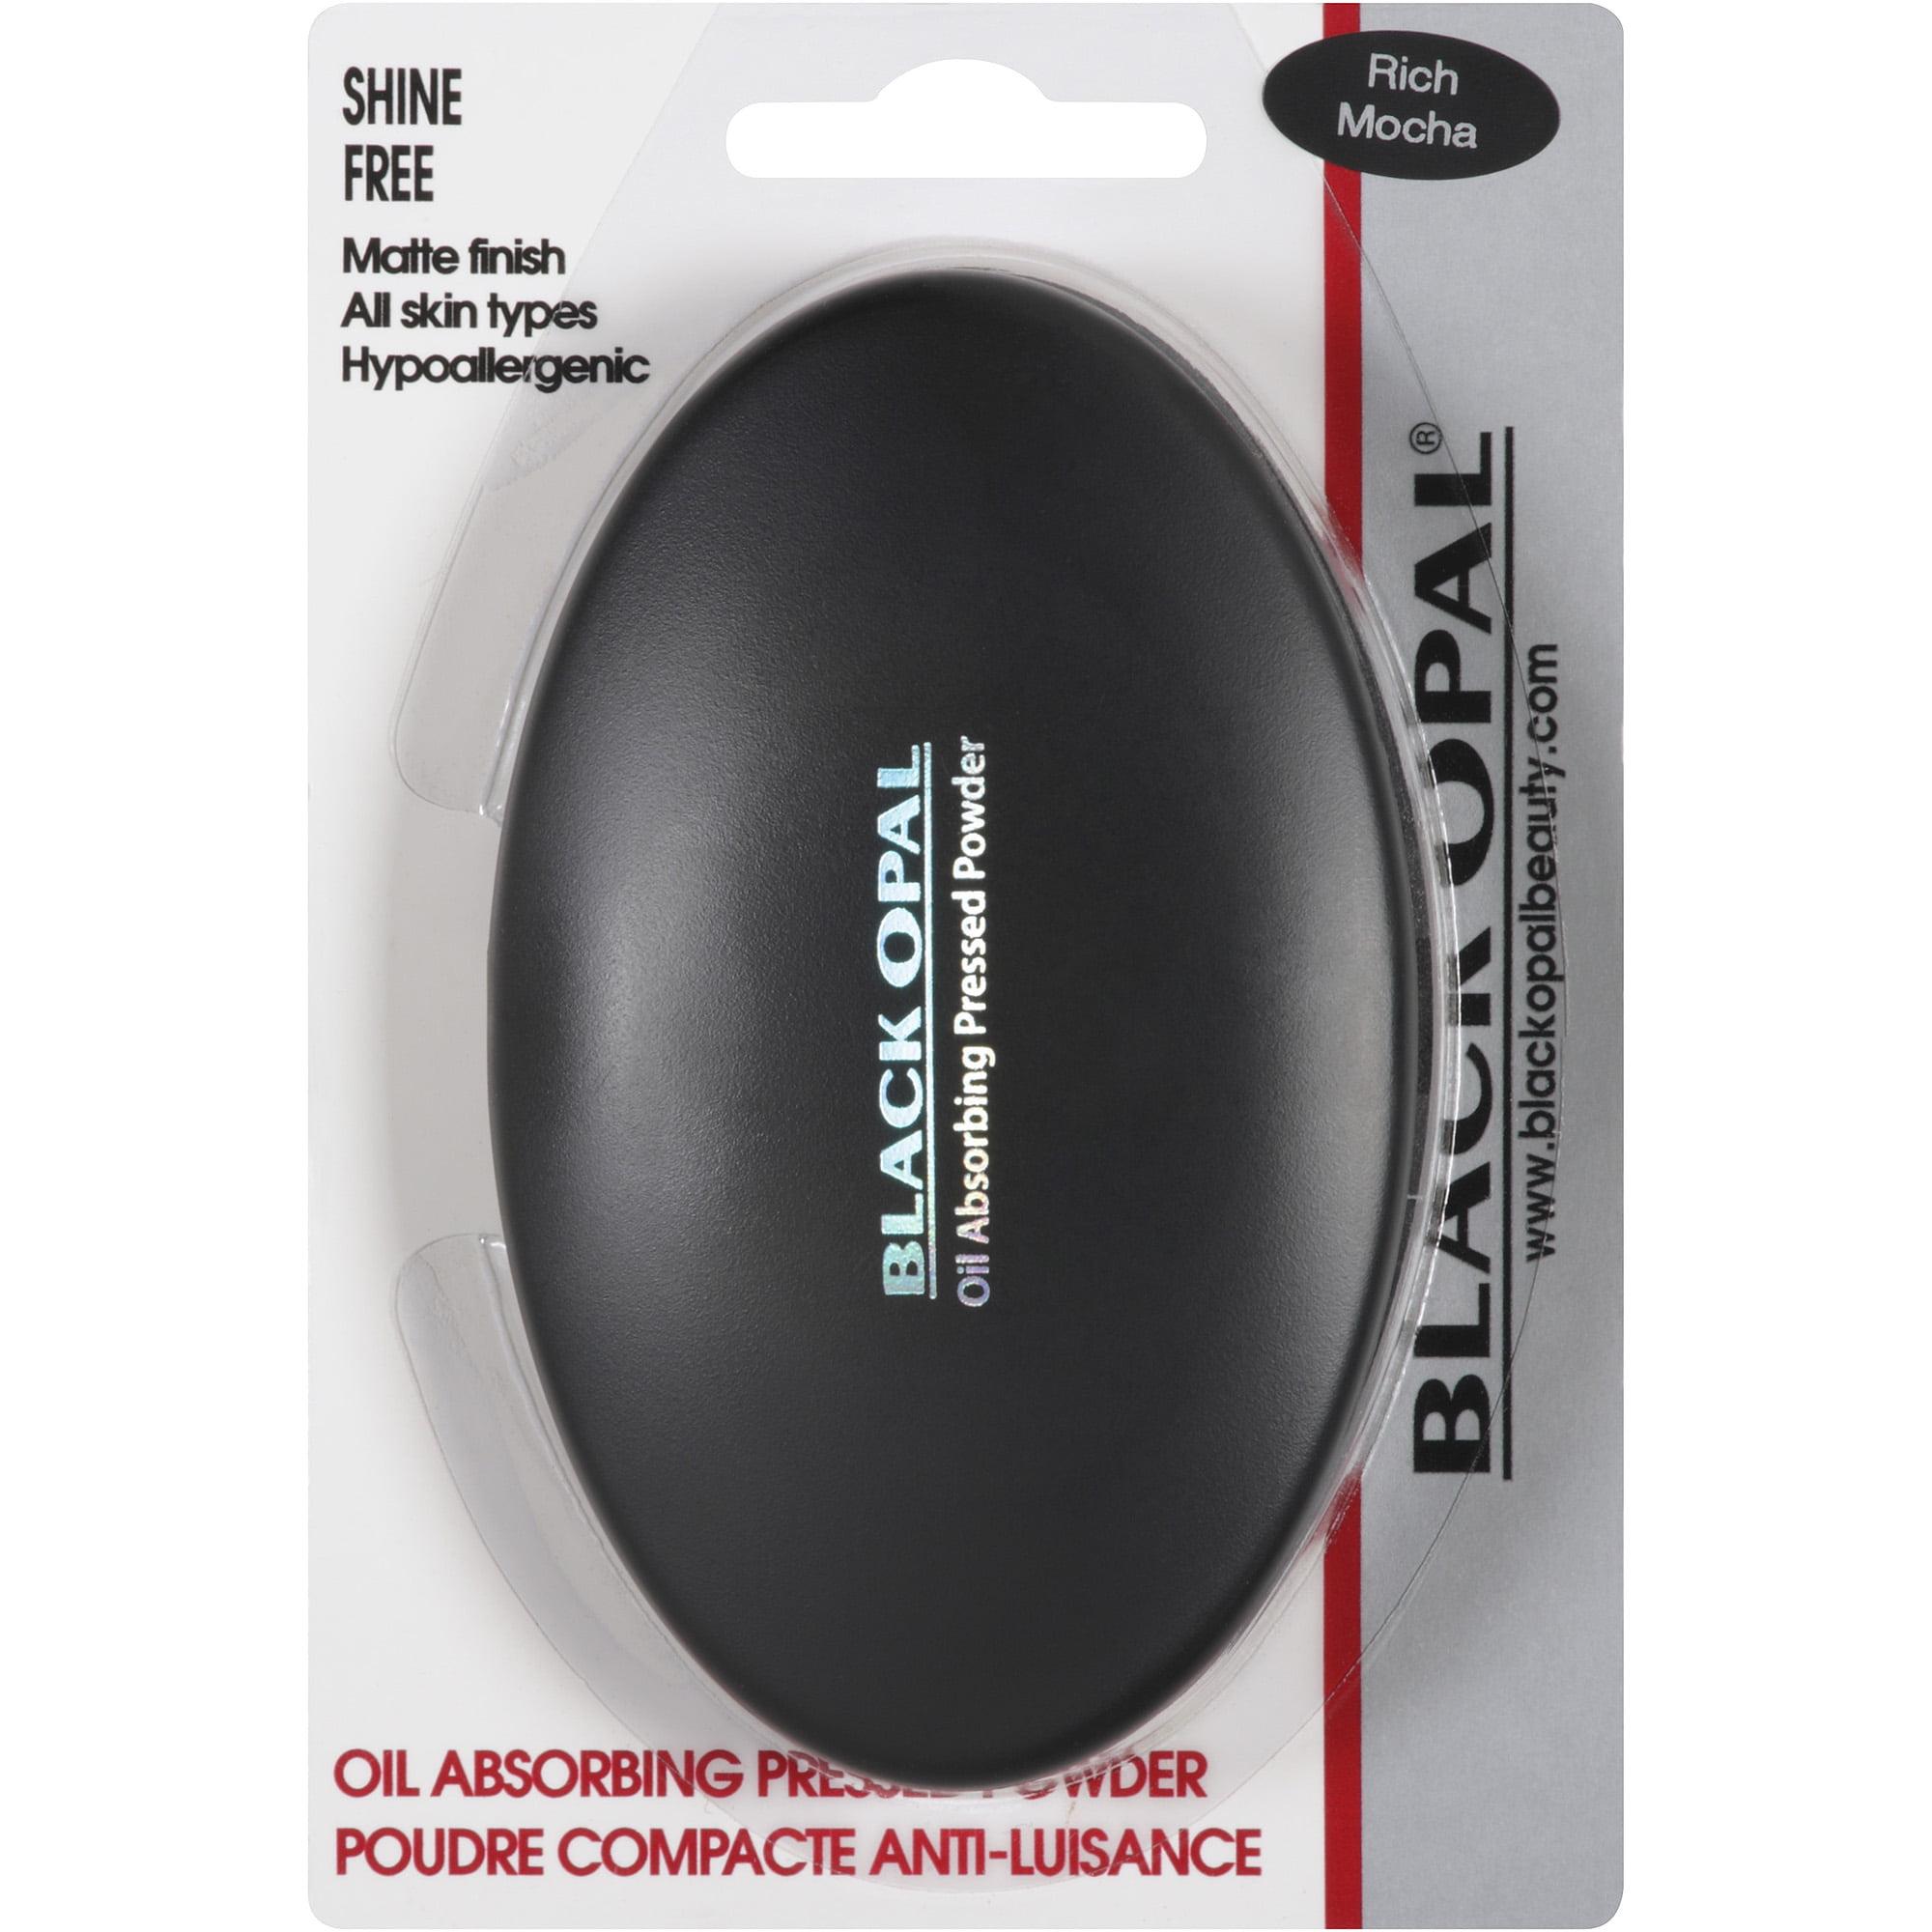 Black Opal Oil Absorbing Pressed Powder, Rich Mocha, 0.33 oz